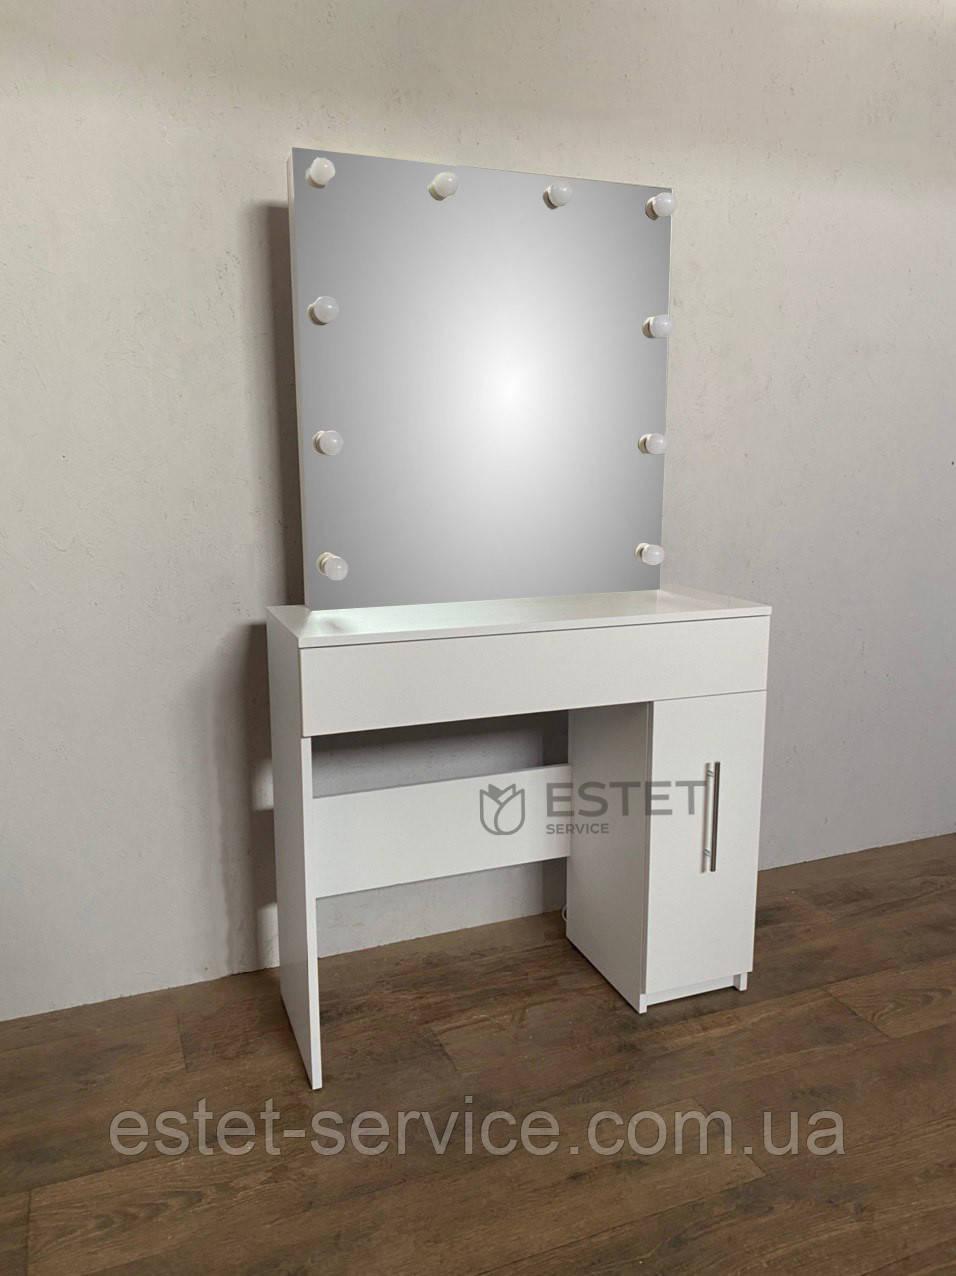 Столик для макияжа ES145 с зеркалом без рамы и тумбой на 2 ящика